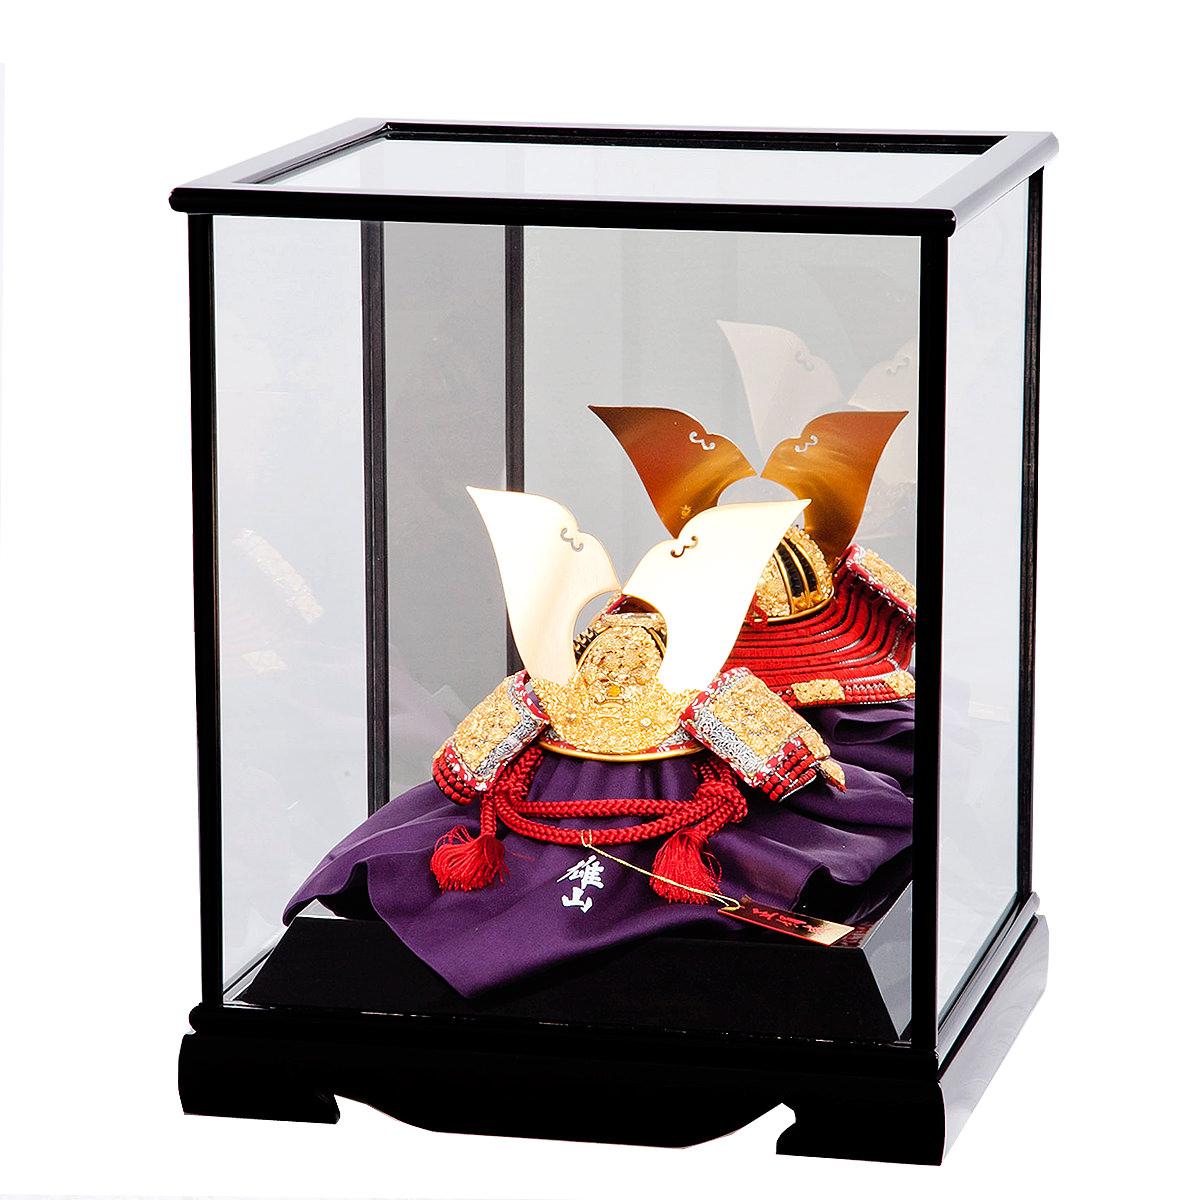 五月節句 男の子 五月人形 兜飾り 1/5号 櫛引八幡宮 菊一文字兜飾り 雄山作 格安 送料無料